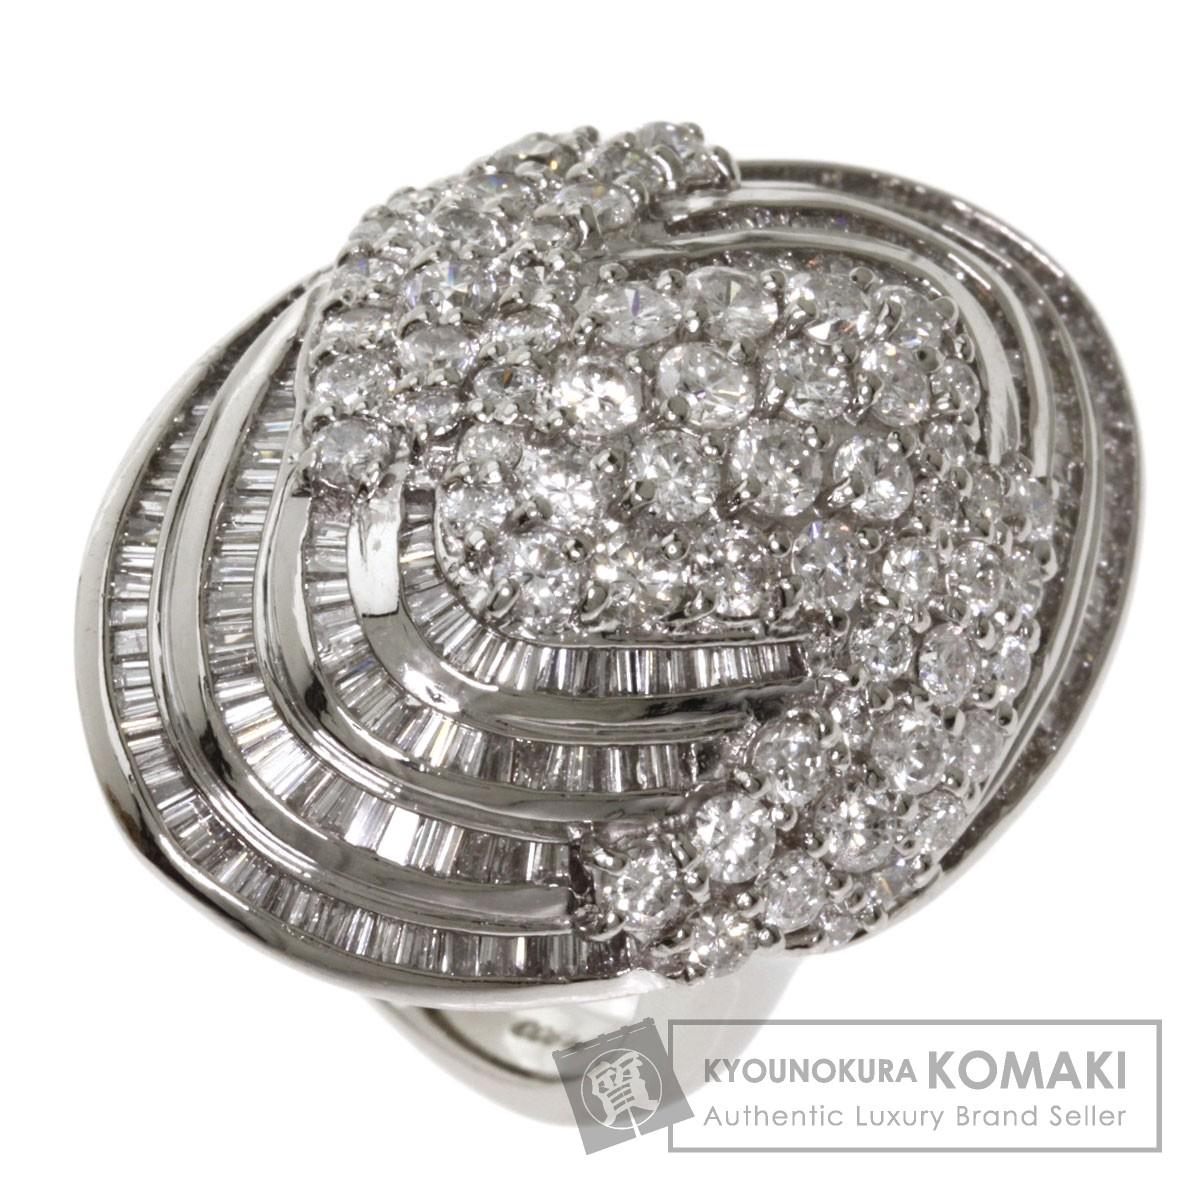 5ct ダイヤモンド リング・指輪 プラチナPT900 26.7g レディース 【中古】